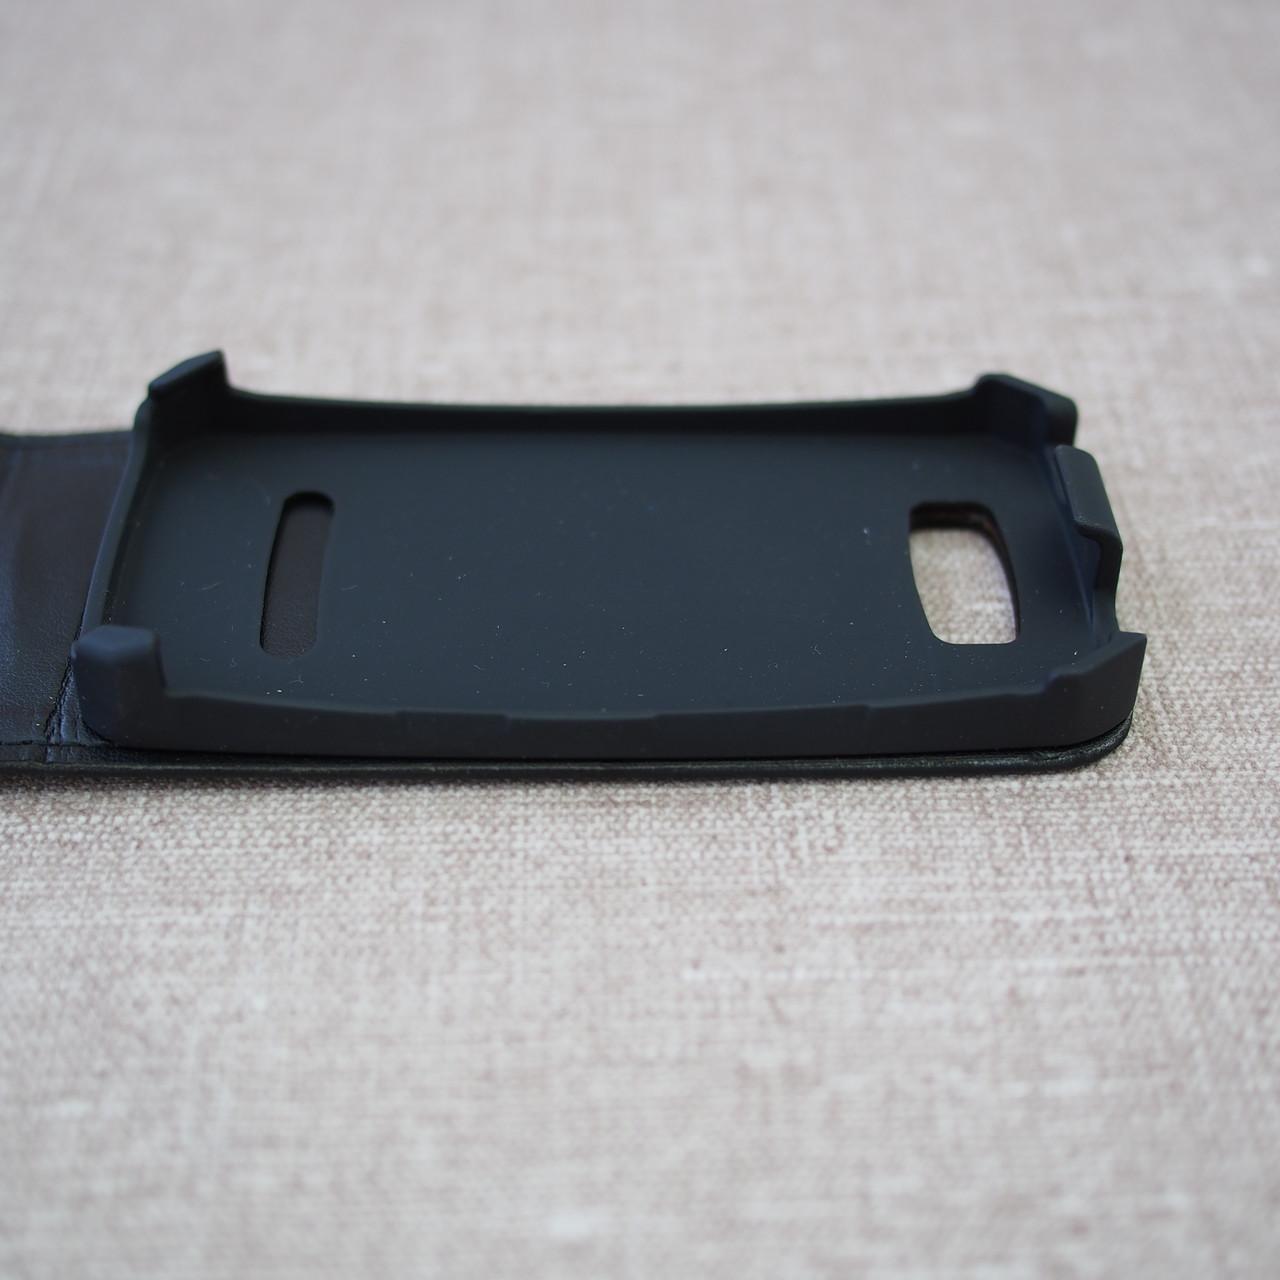 Чехлы для Nokia KeepUP 306 black Для телефона